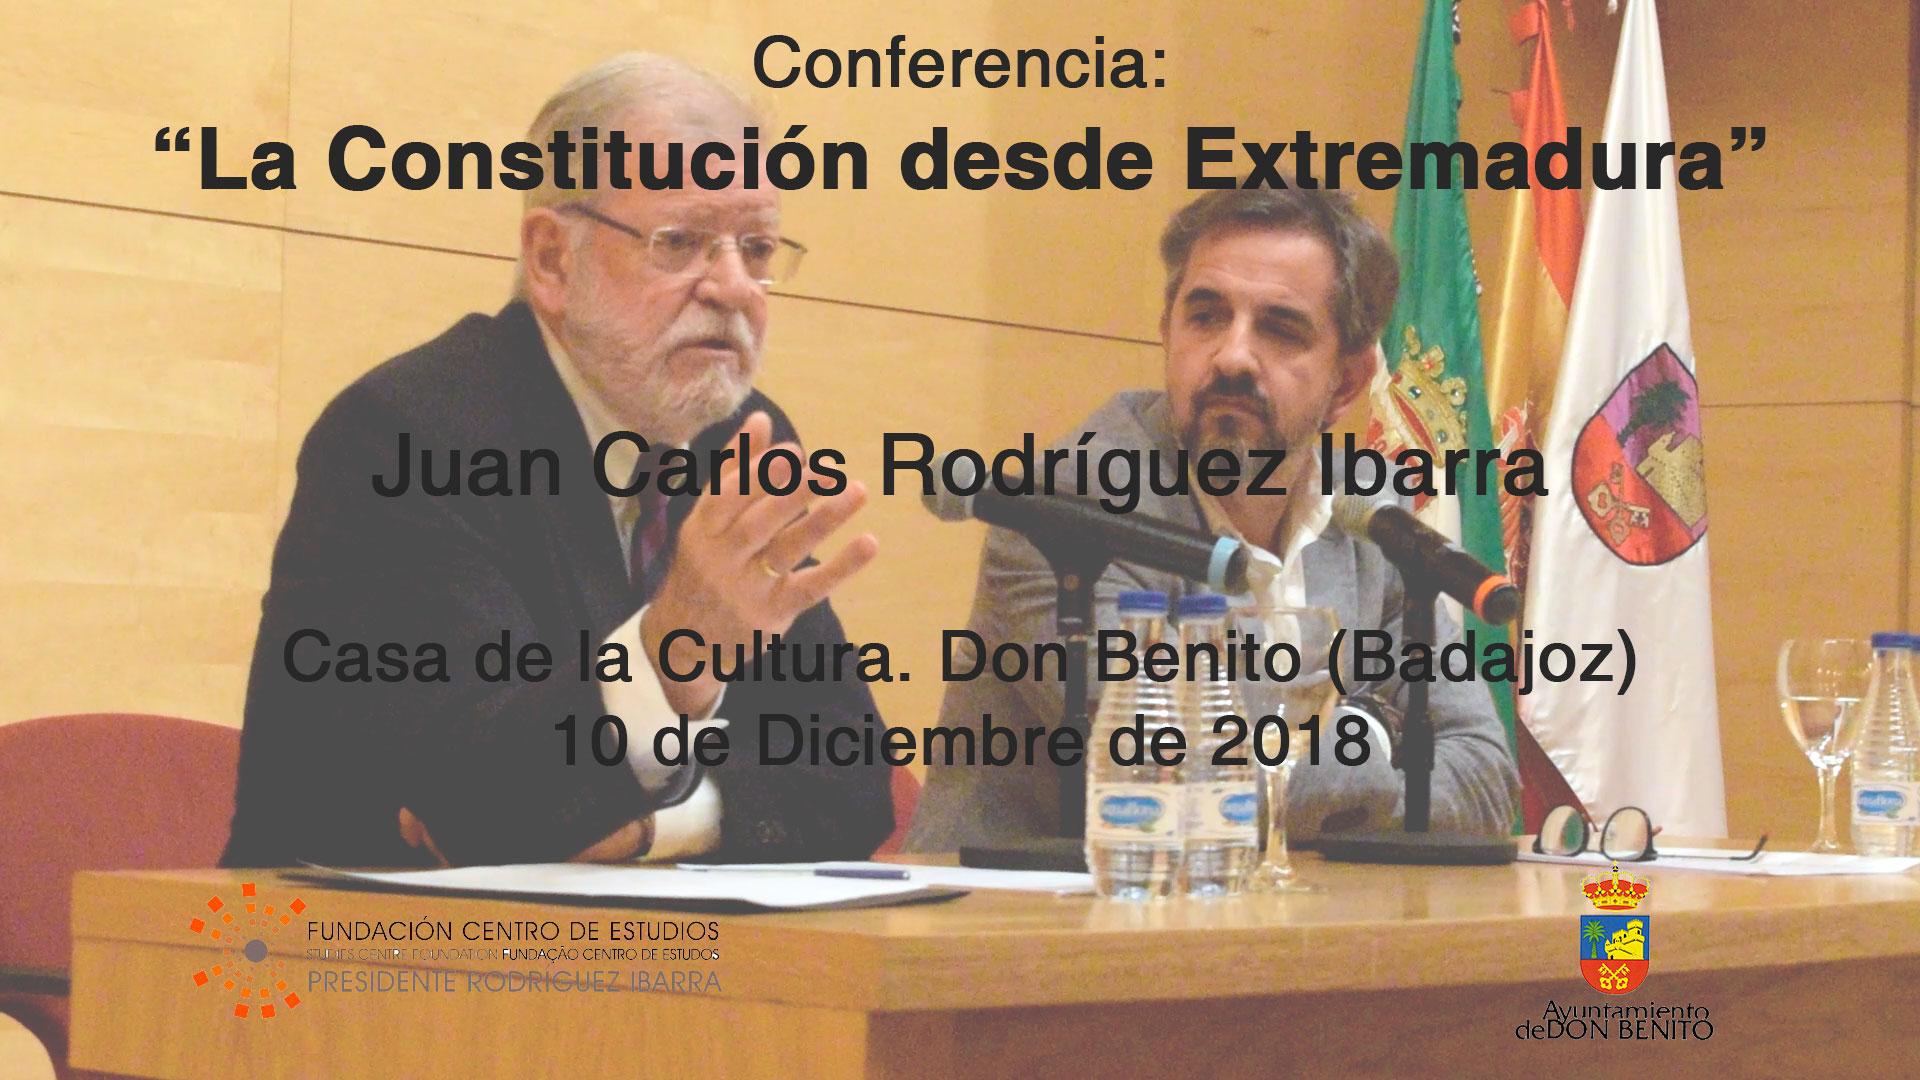 Conferencia: la Constitución desde Extremadura